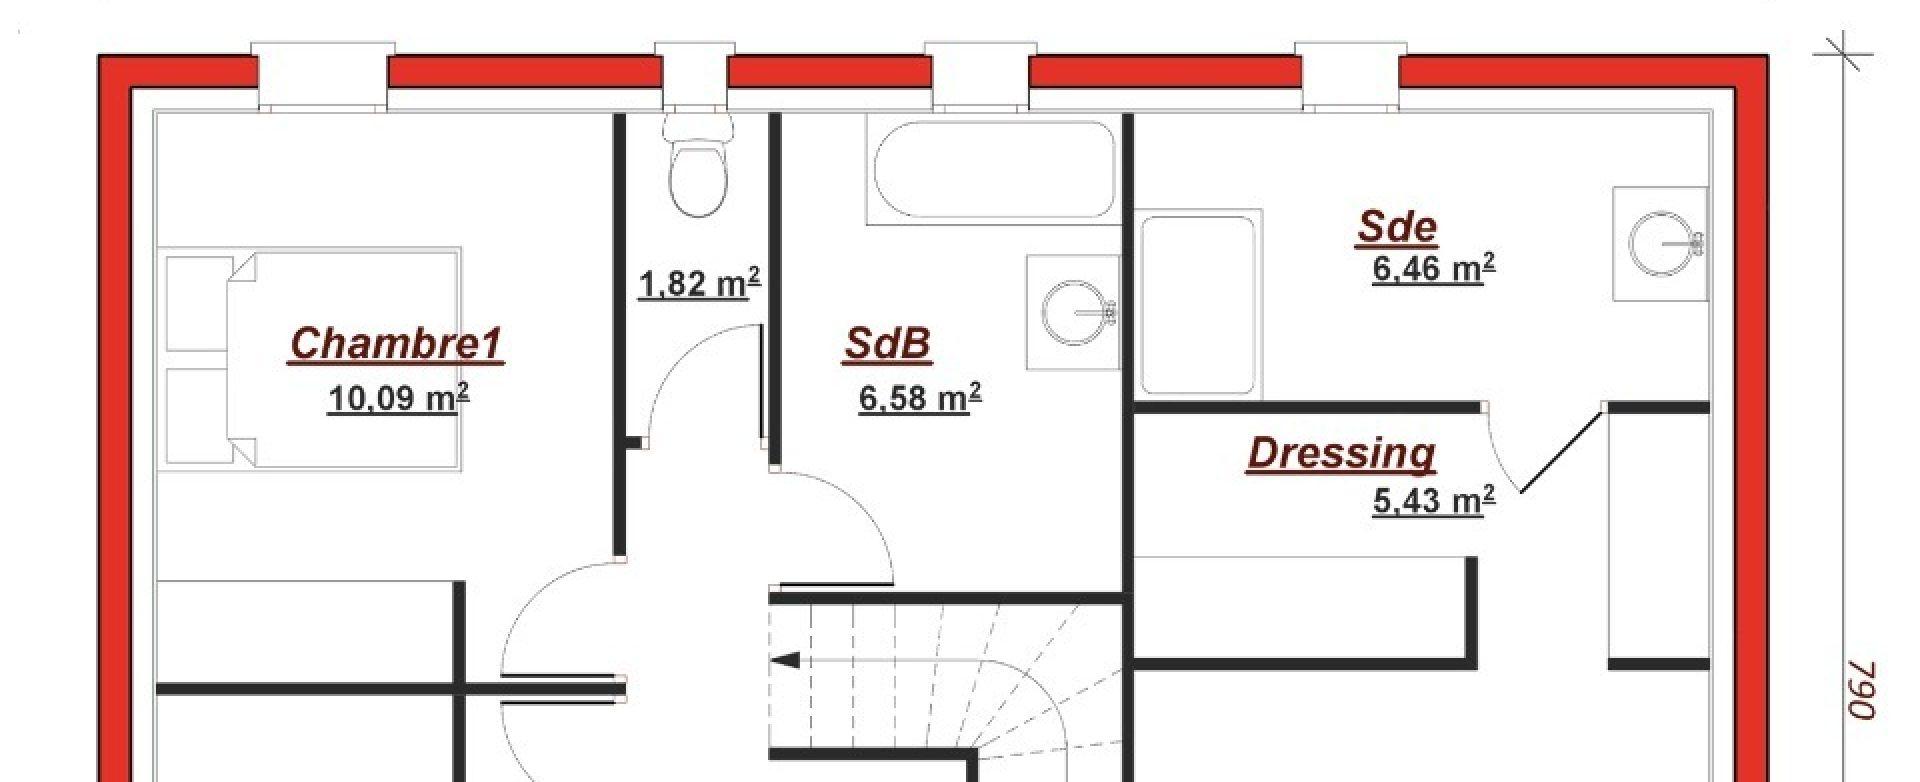 Maison neuve à Jouars Pontchartrain (78760)